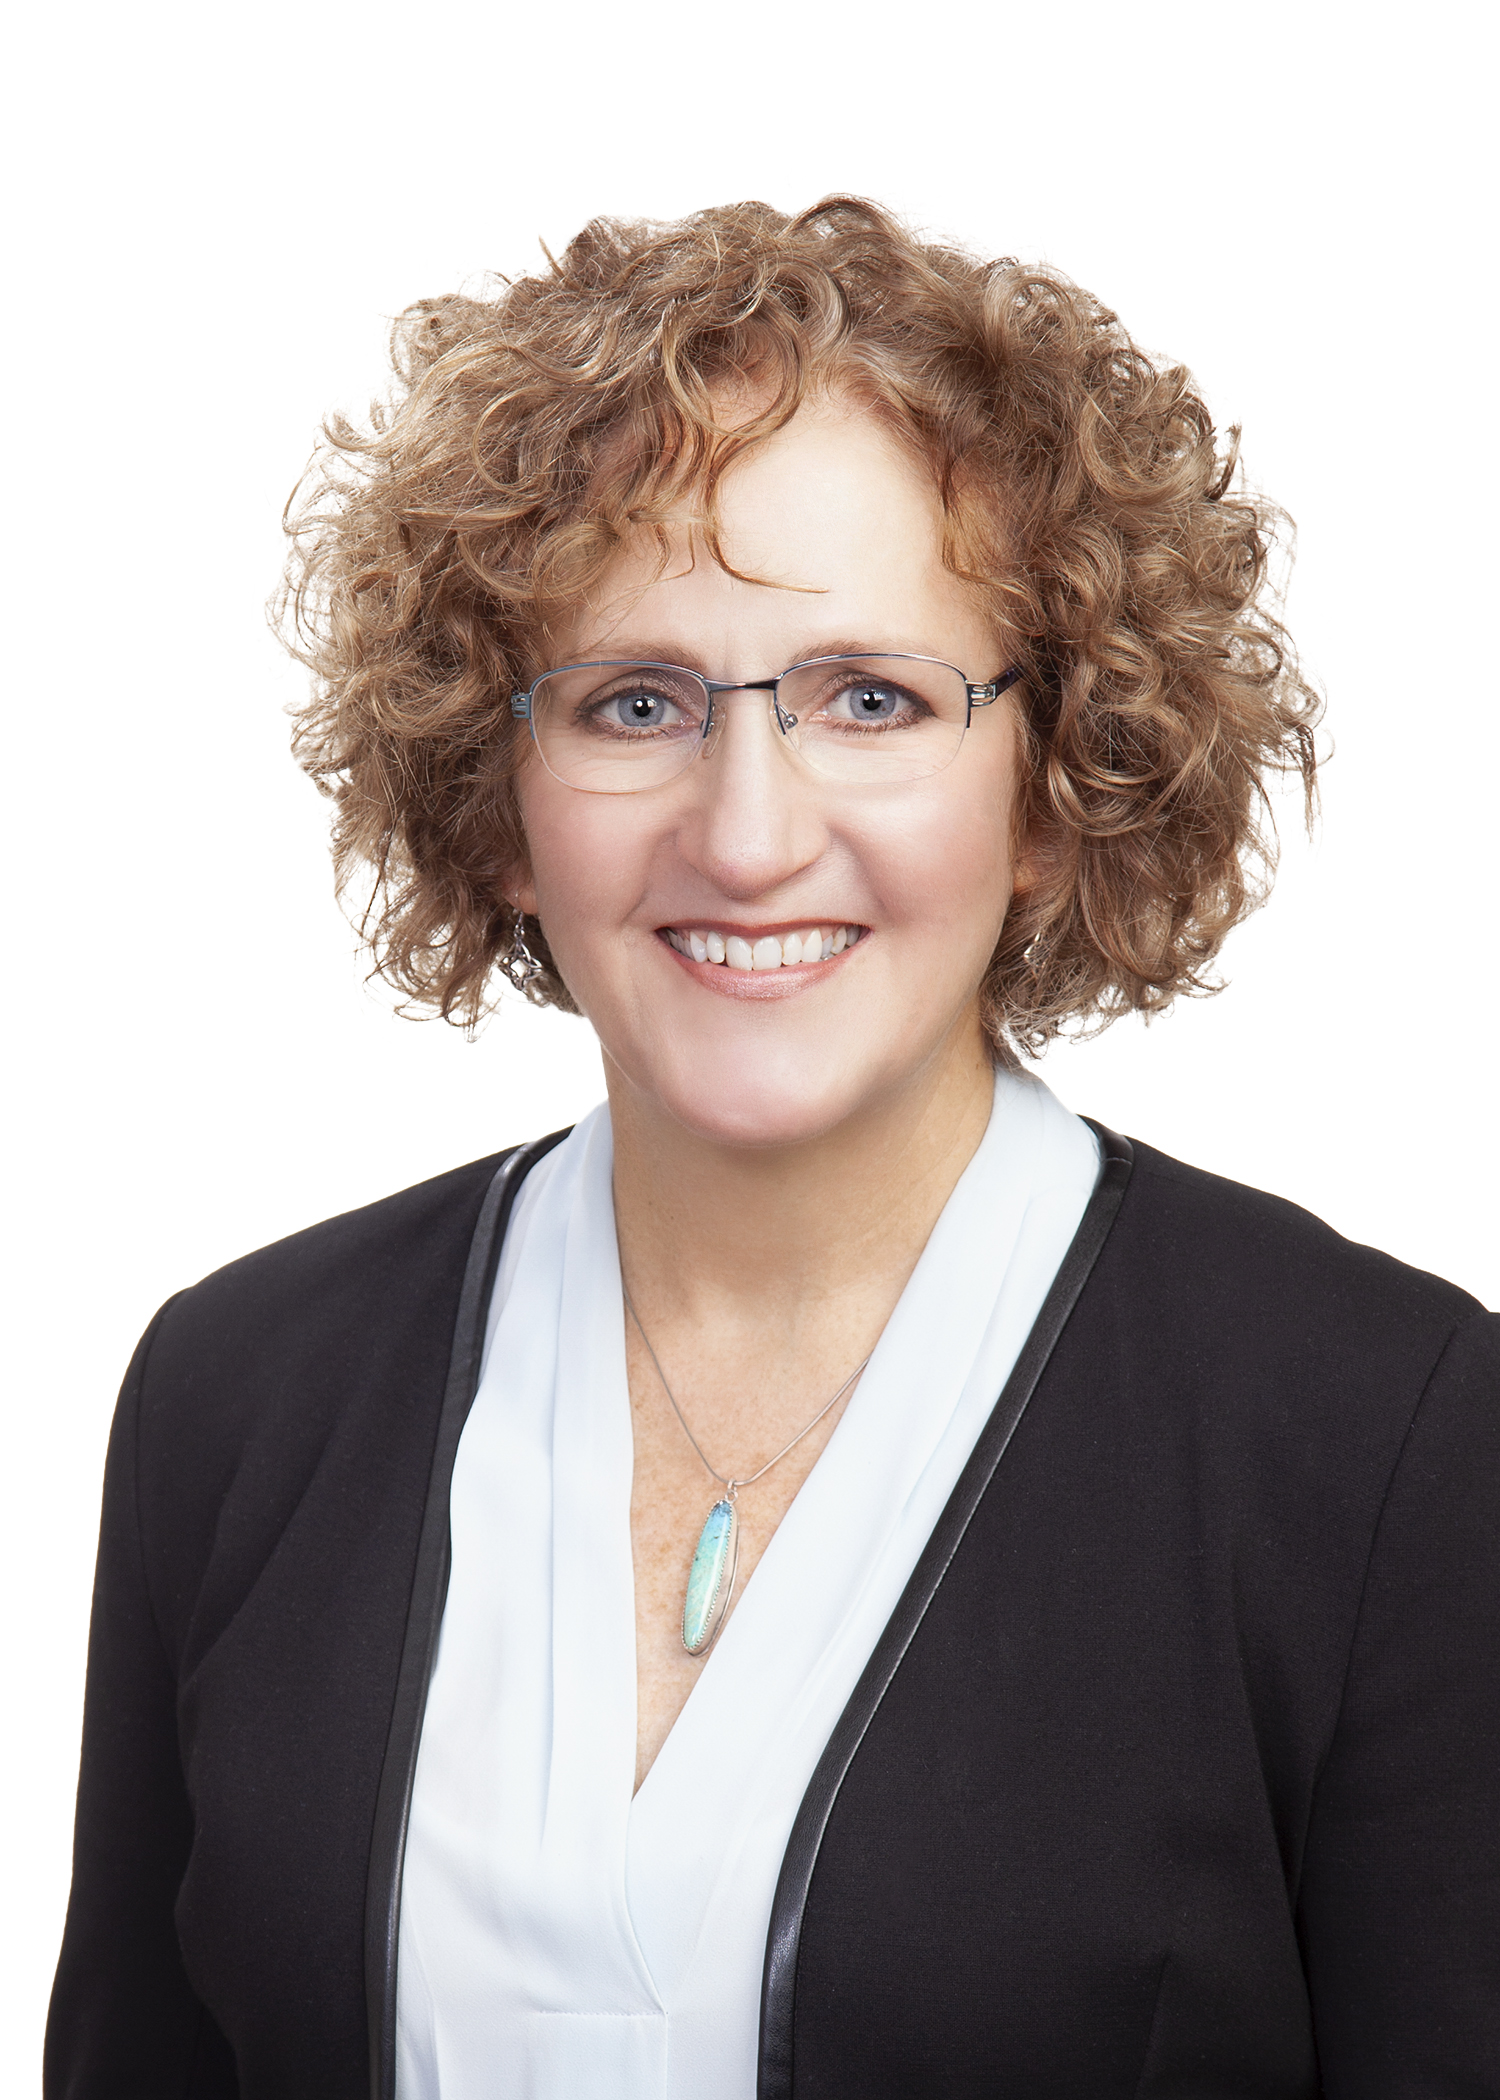 Tracy Zaslow